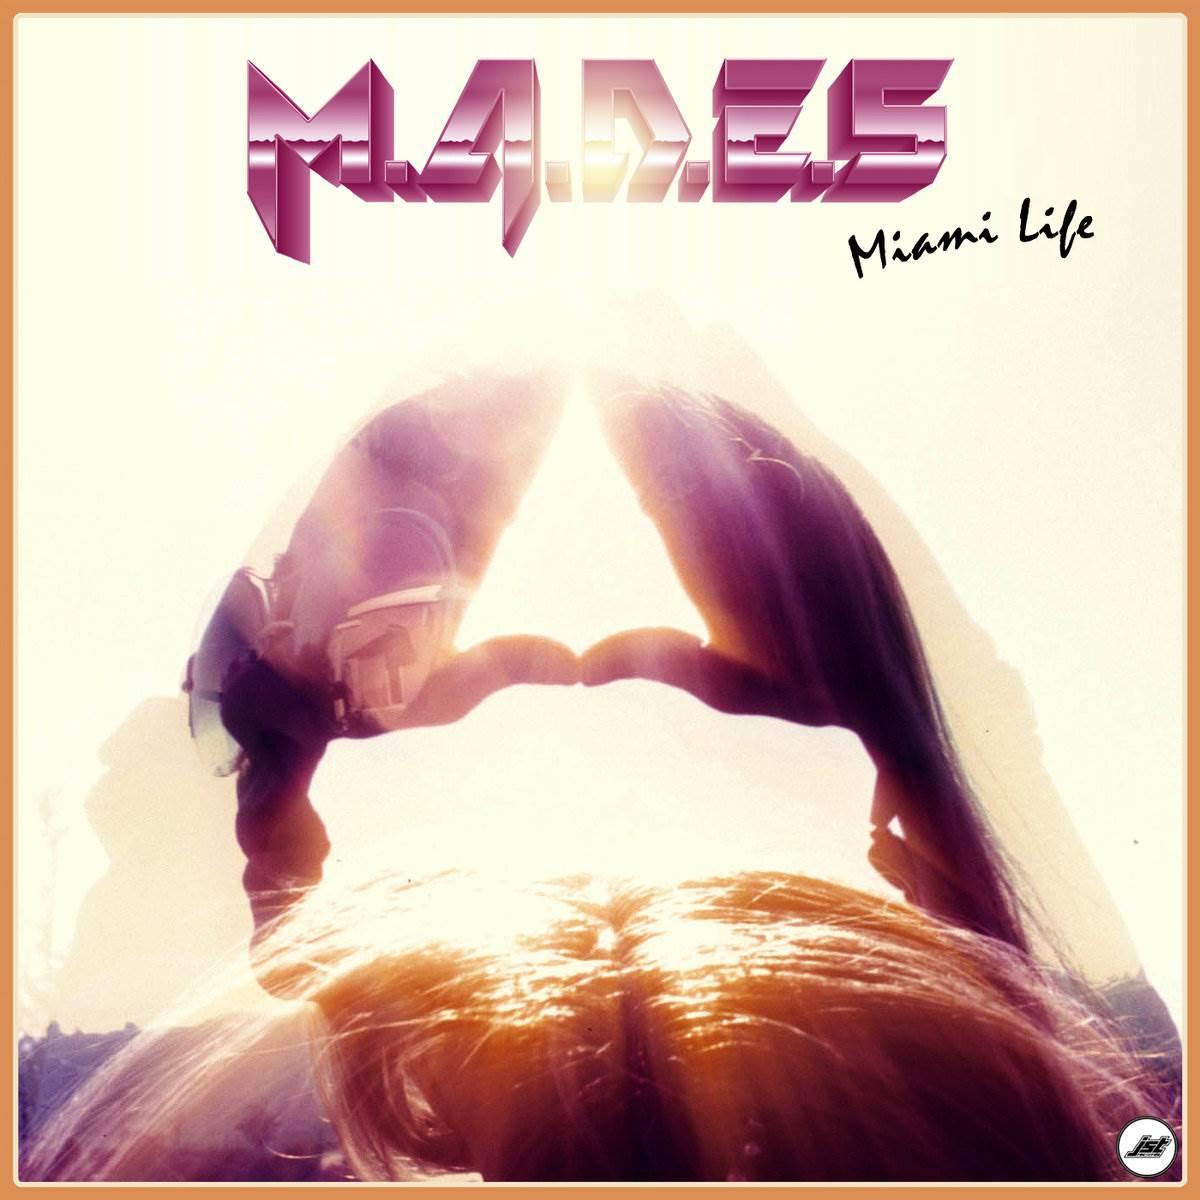 a3193789876 10 - M.A.D.E.S - Miami Life